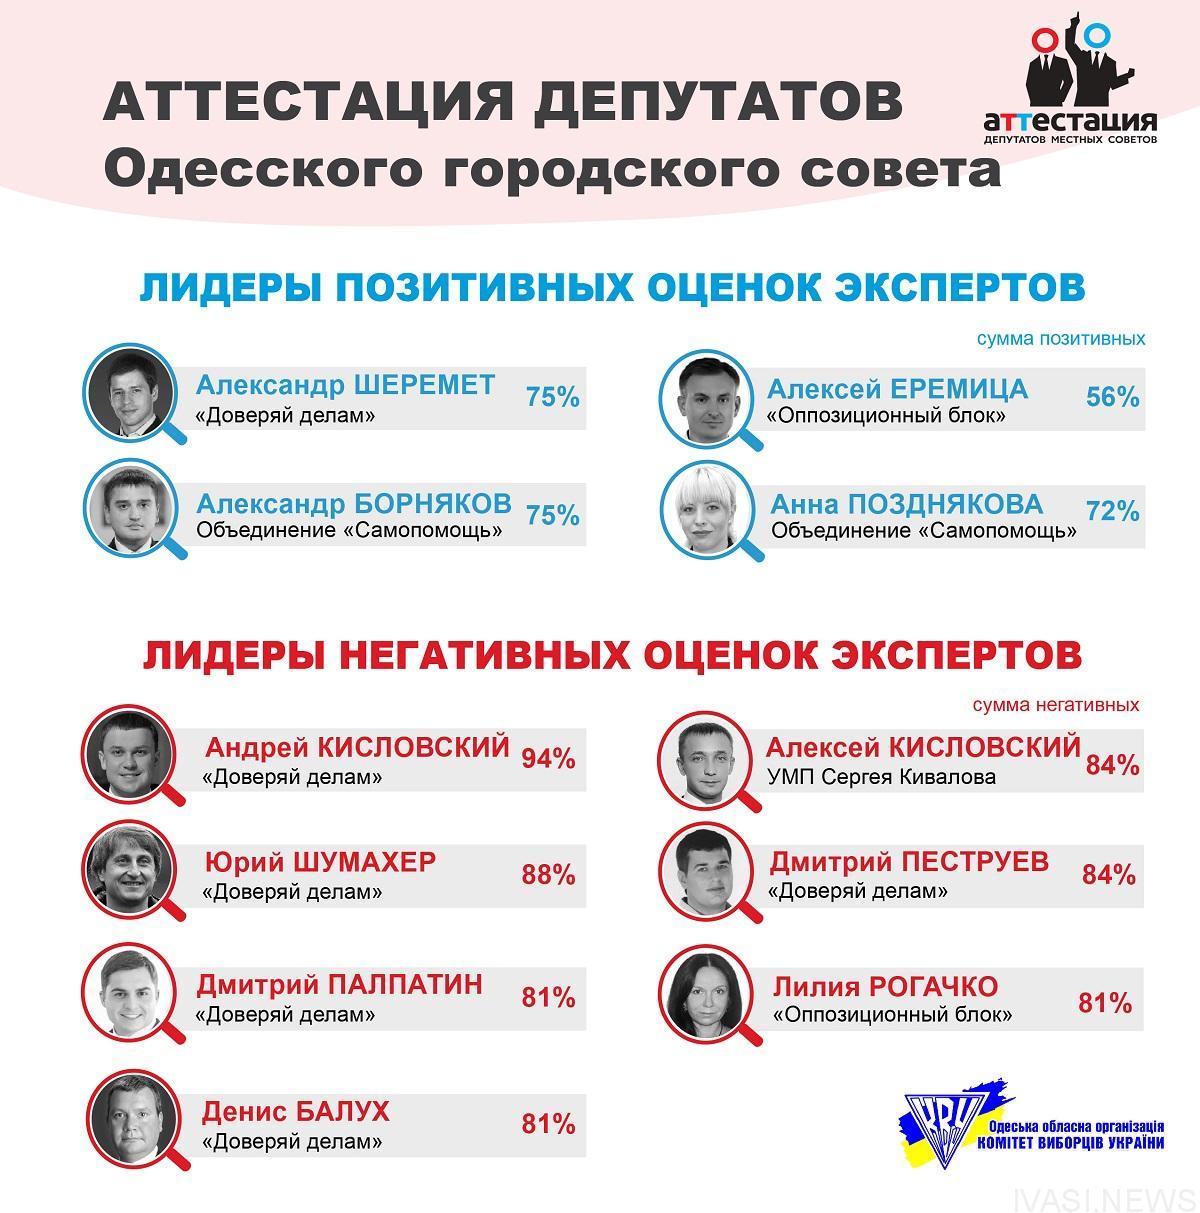 Анна Позднякова признана лучшим депутатом Одесского горсовета ... 6f40e664b9a98